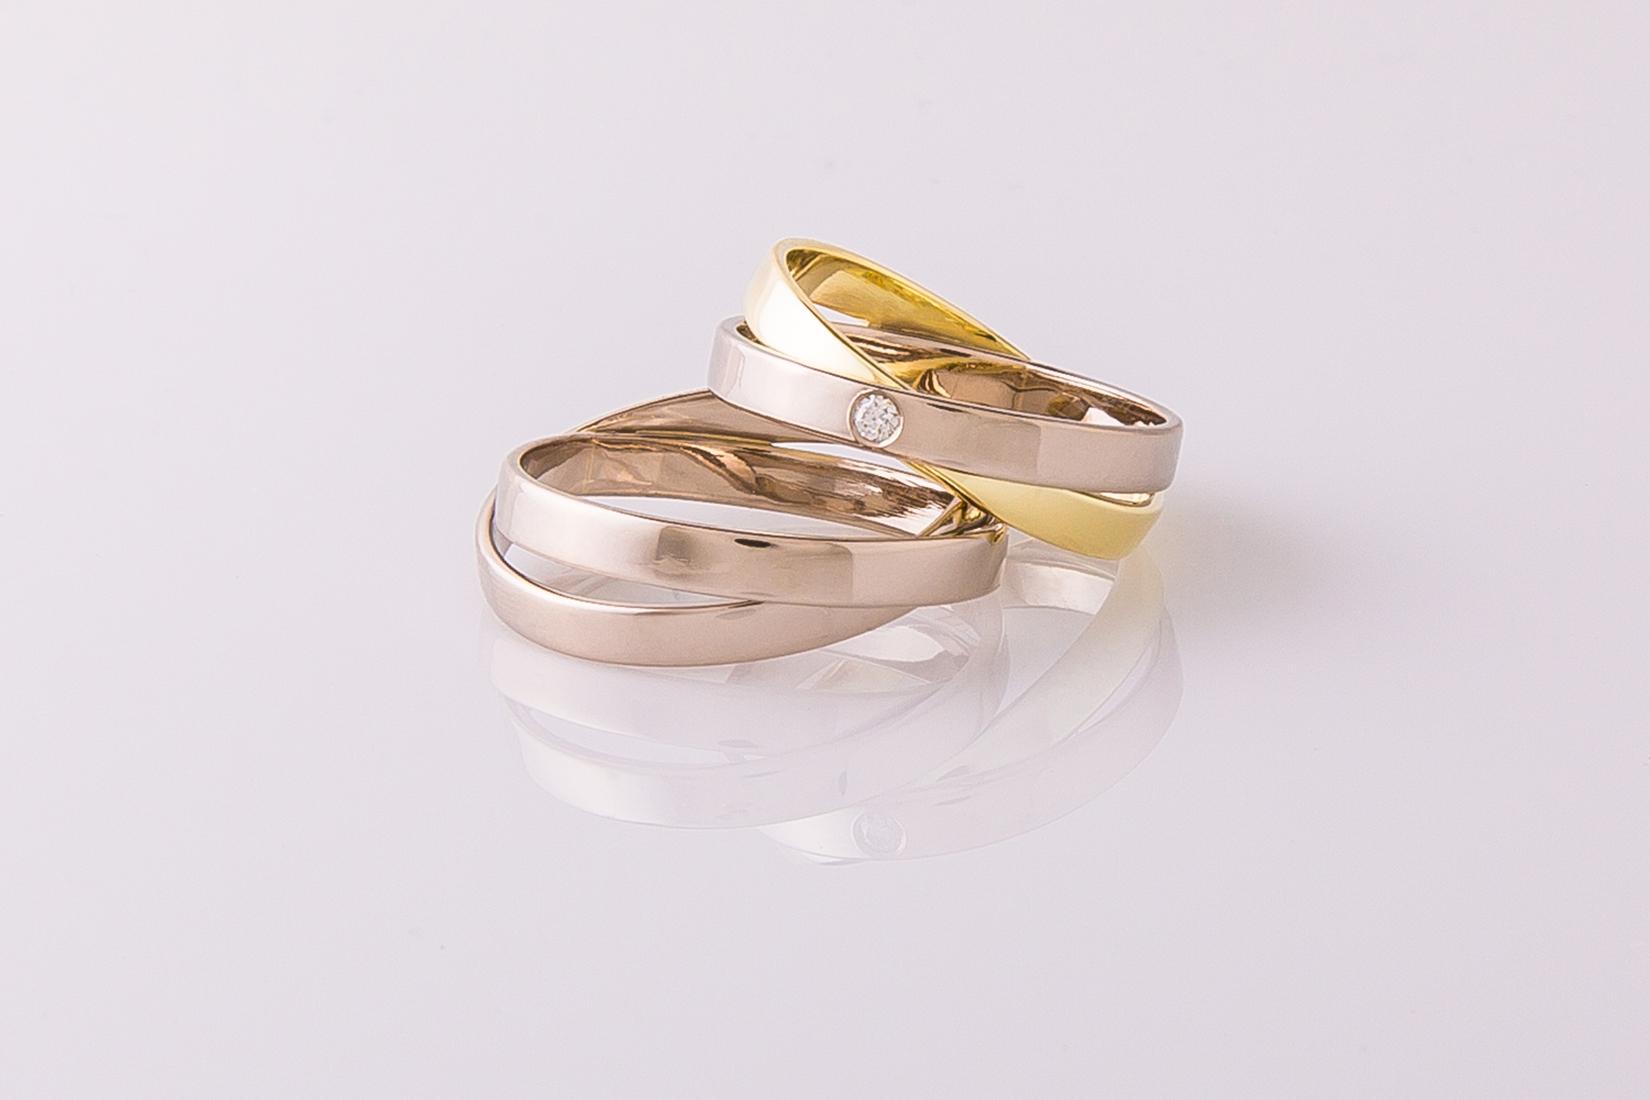 goudmerk-ring-trouwen-wit-geel-goud-hoogglans-kruislings-briljant